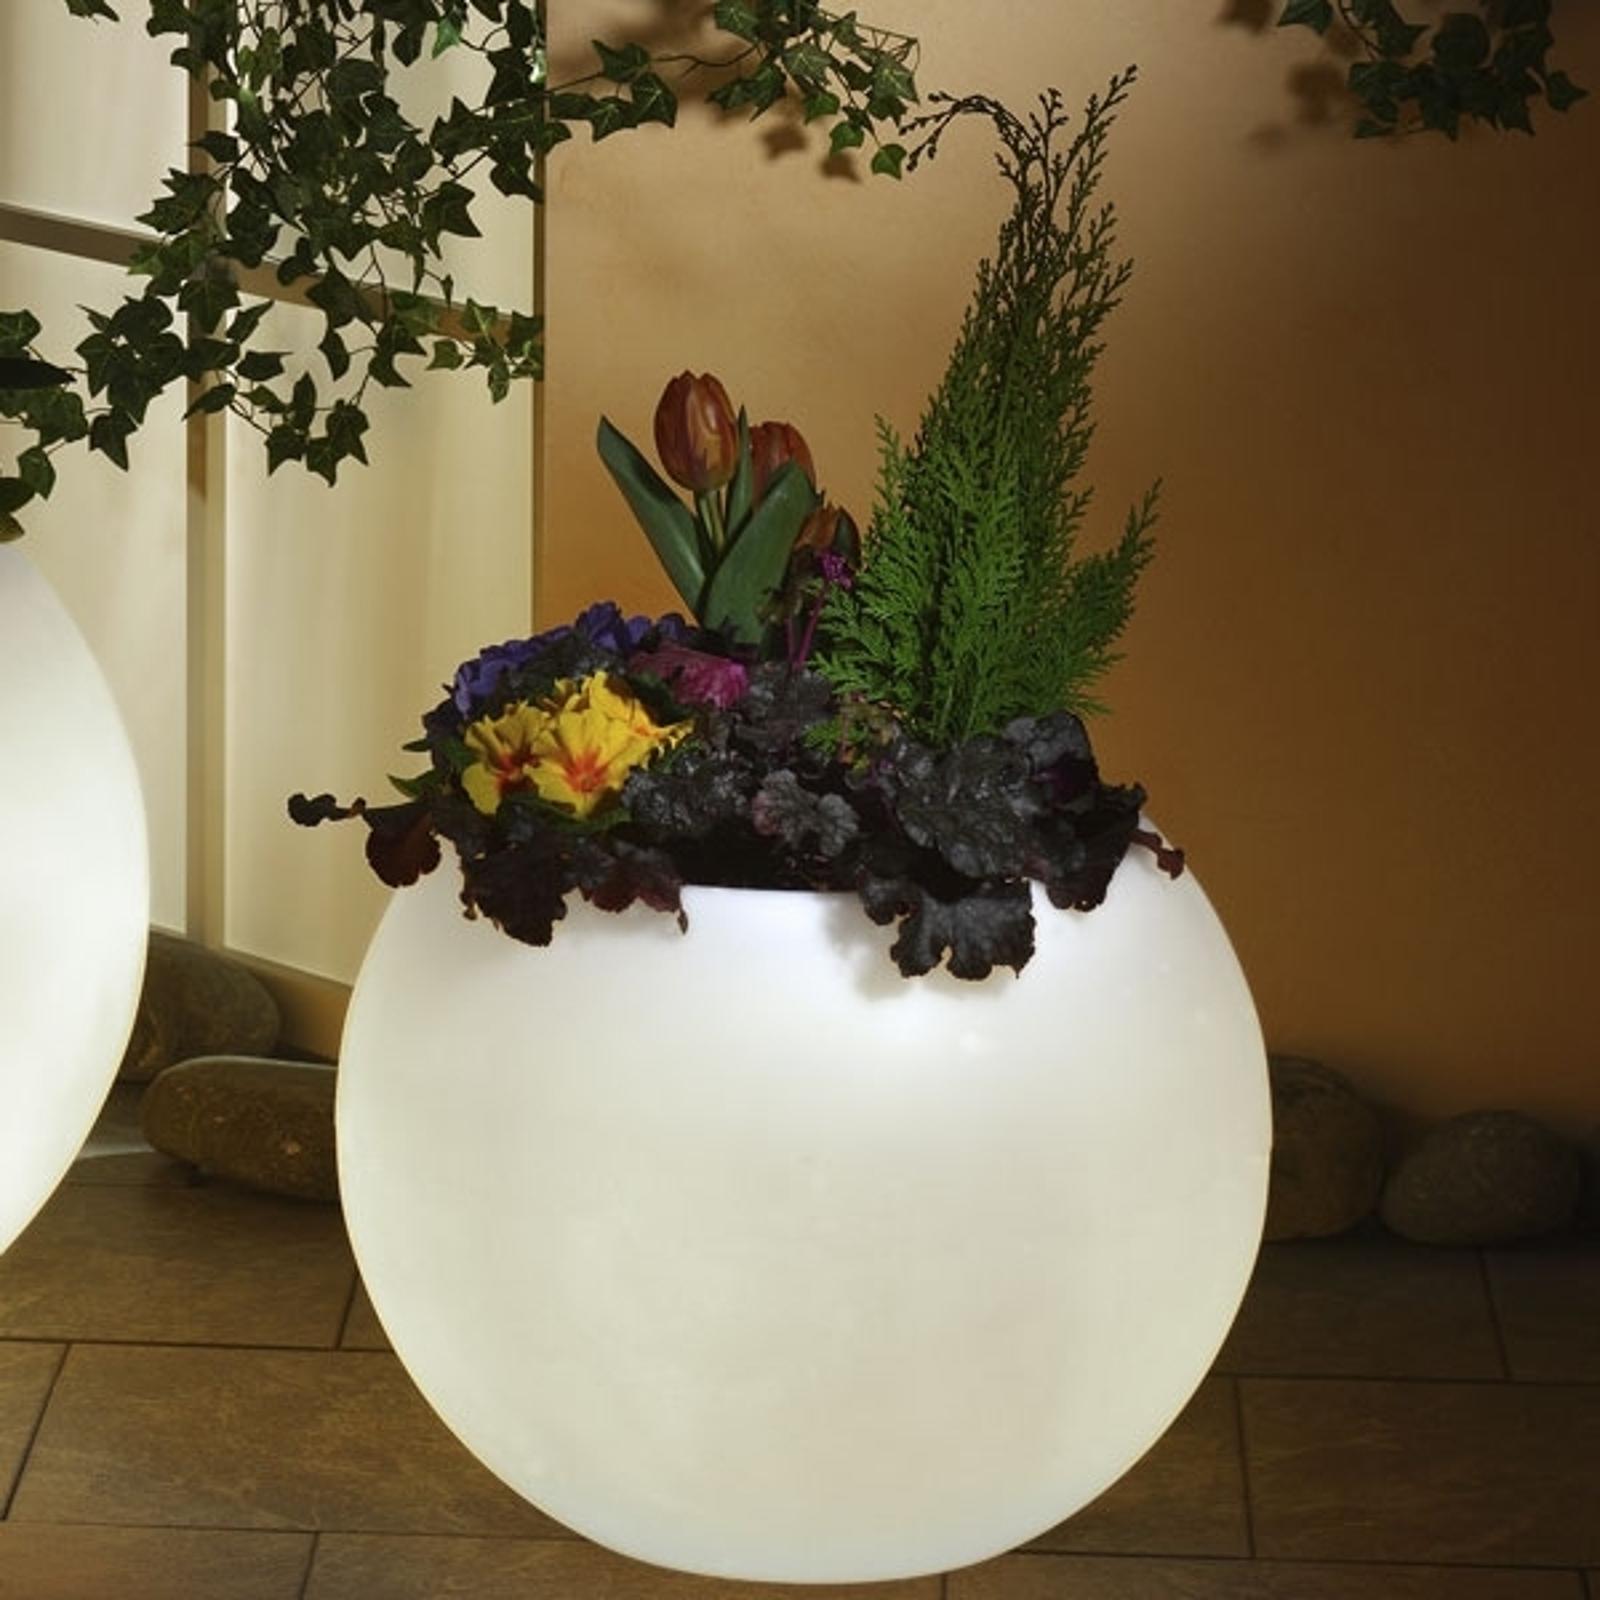 Illuminated planter, highest quality, white_3050006_1